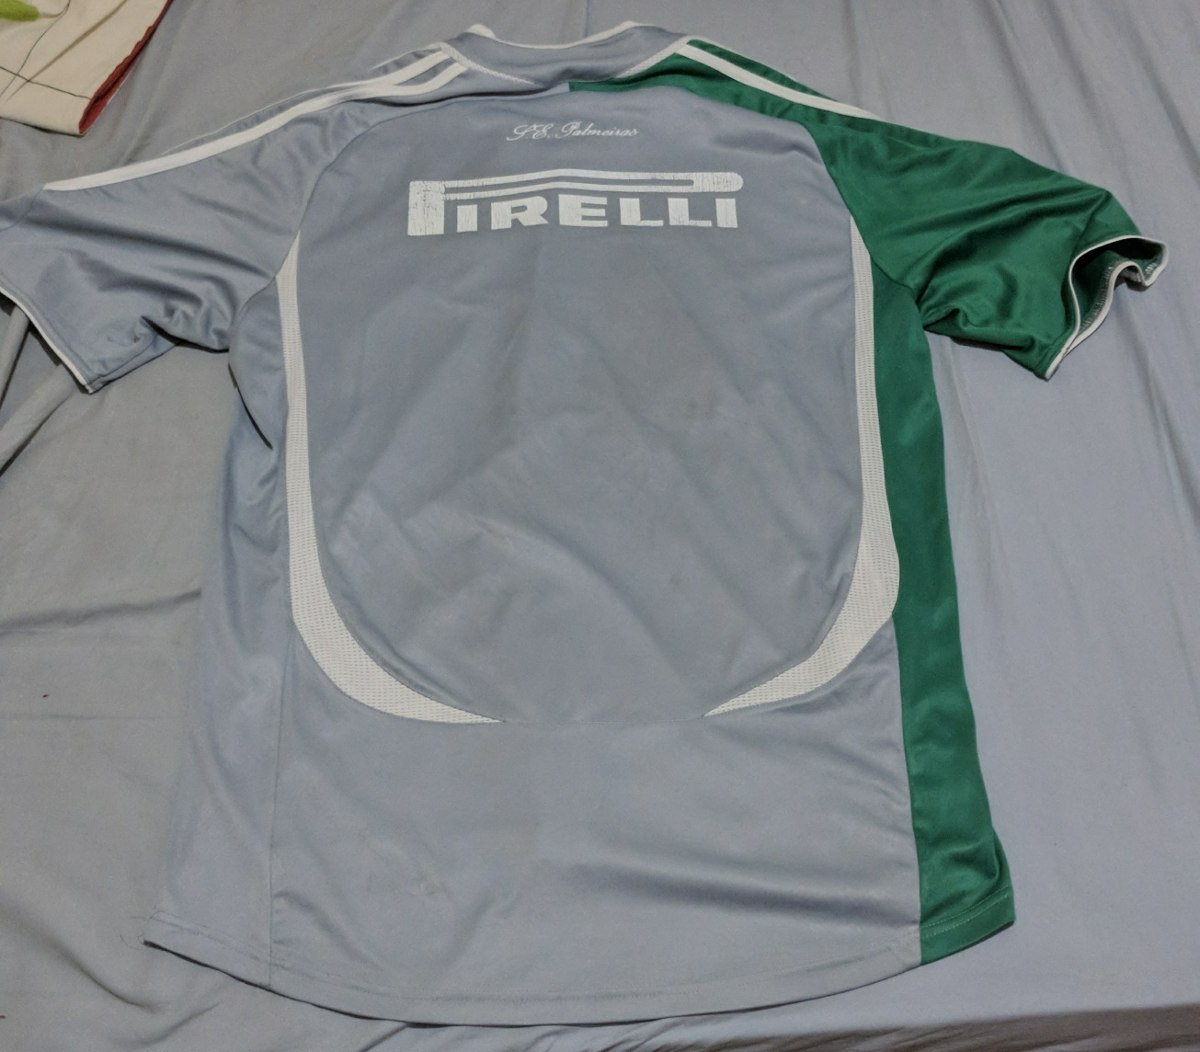 camisa 3 palmeiras 2006 adidas. Carregando zoom. 30e3cb7dd5baf